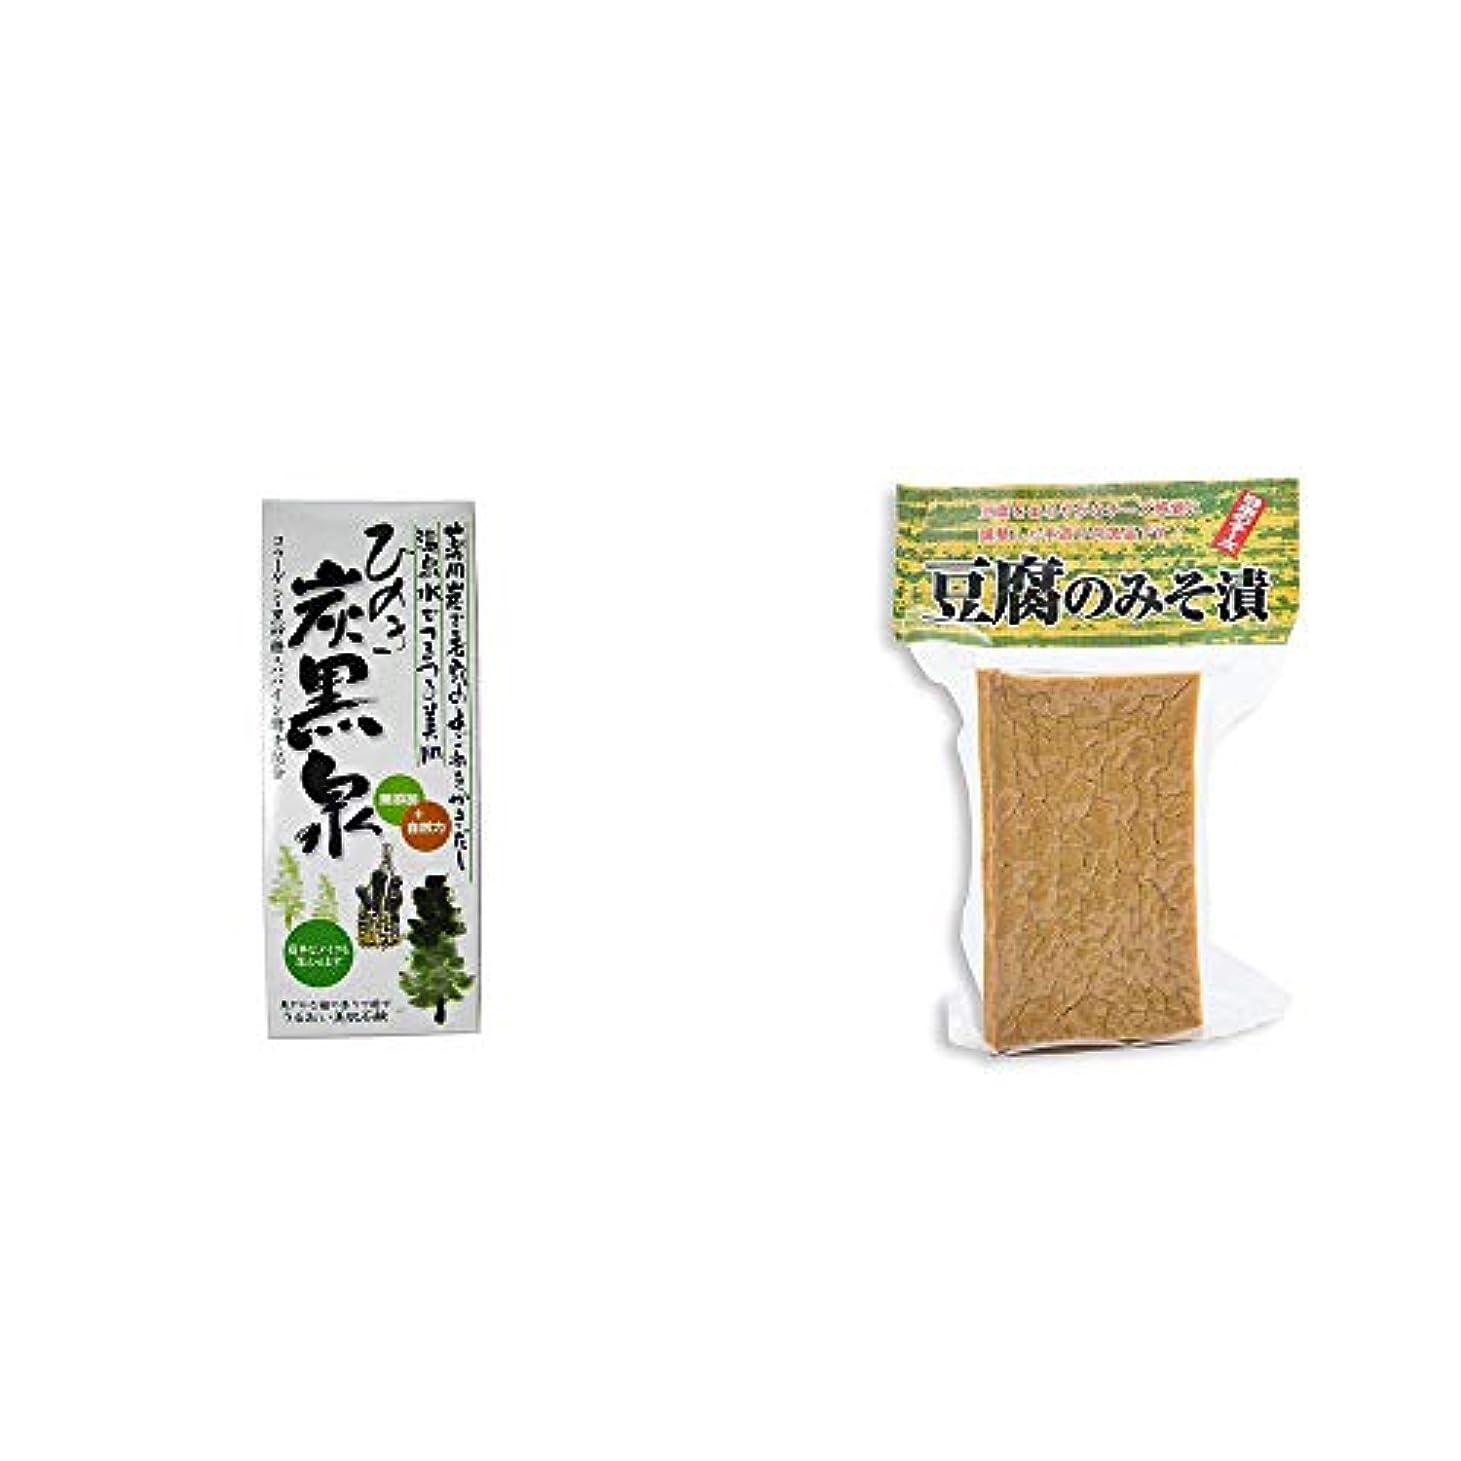 銅列挙する在庫[2点セット] ひのき炭黒泉 箱入り(75g×3)?日本のチーズ 豆腐のみそ漬(1個入)